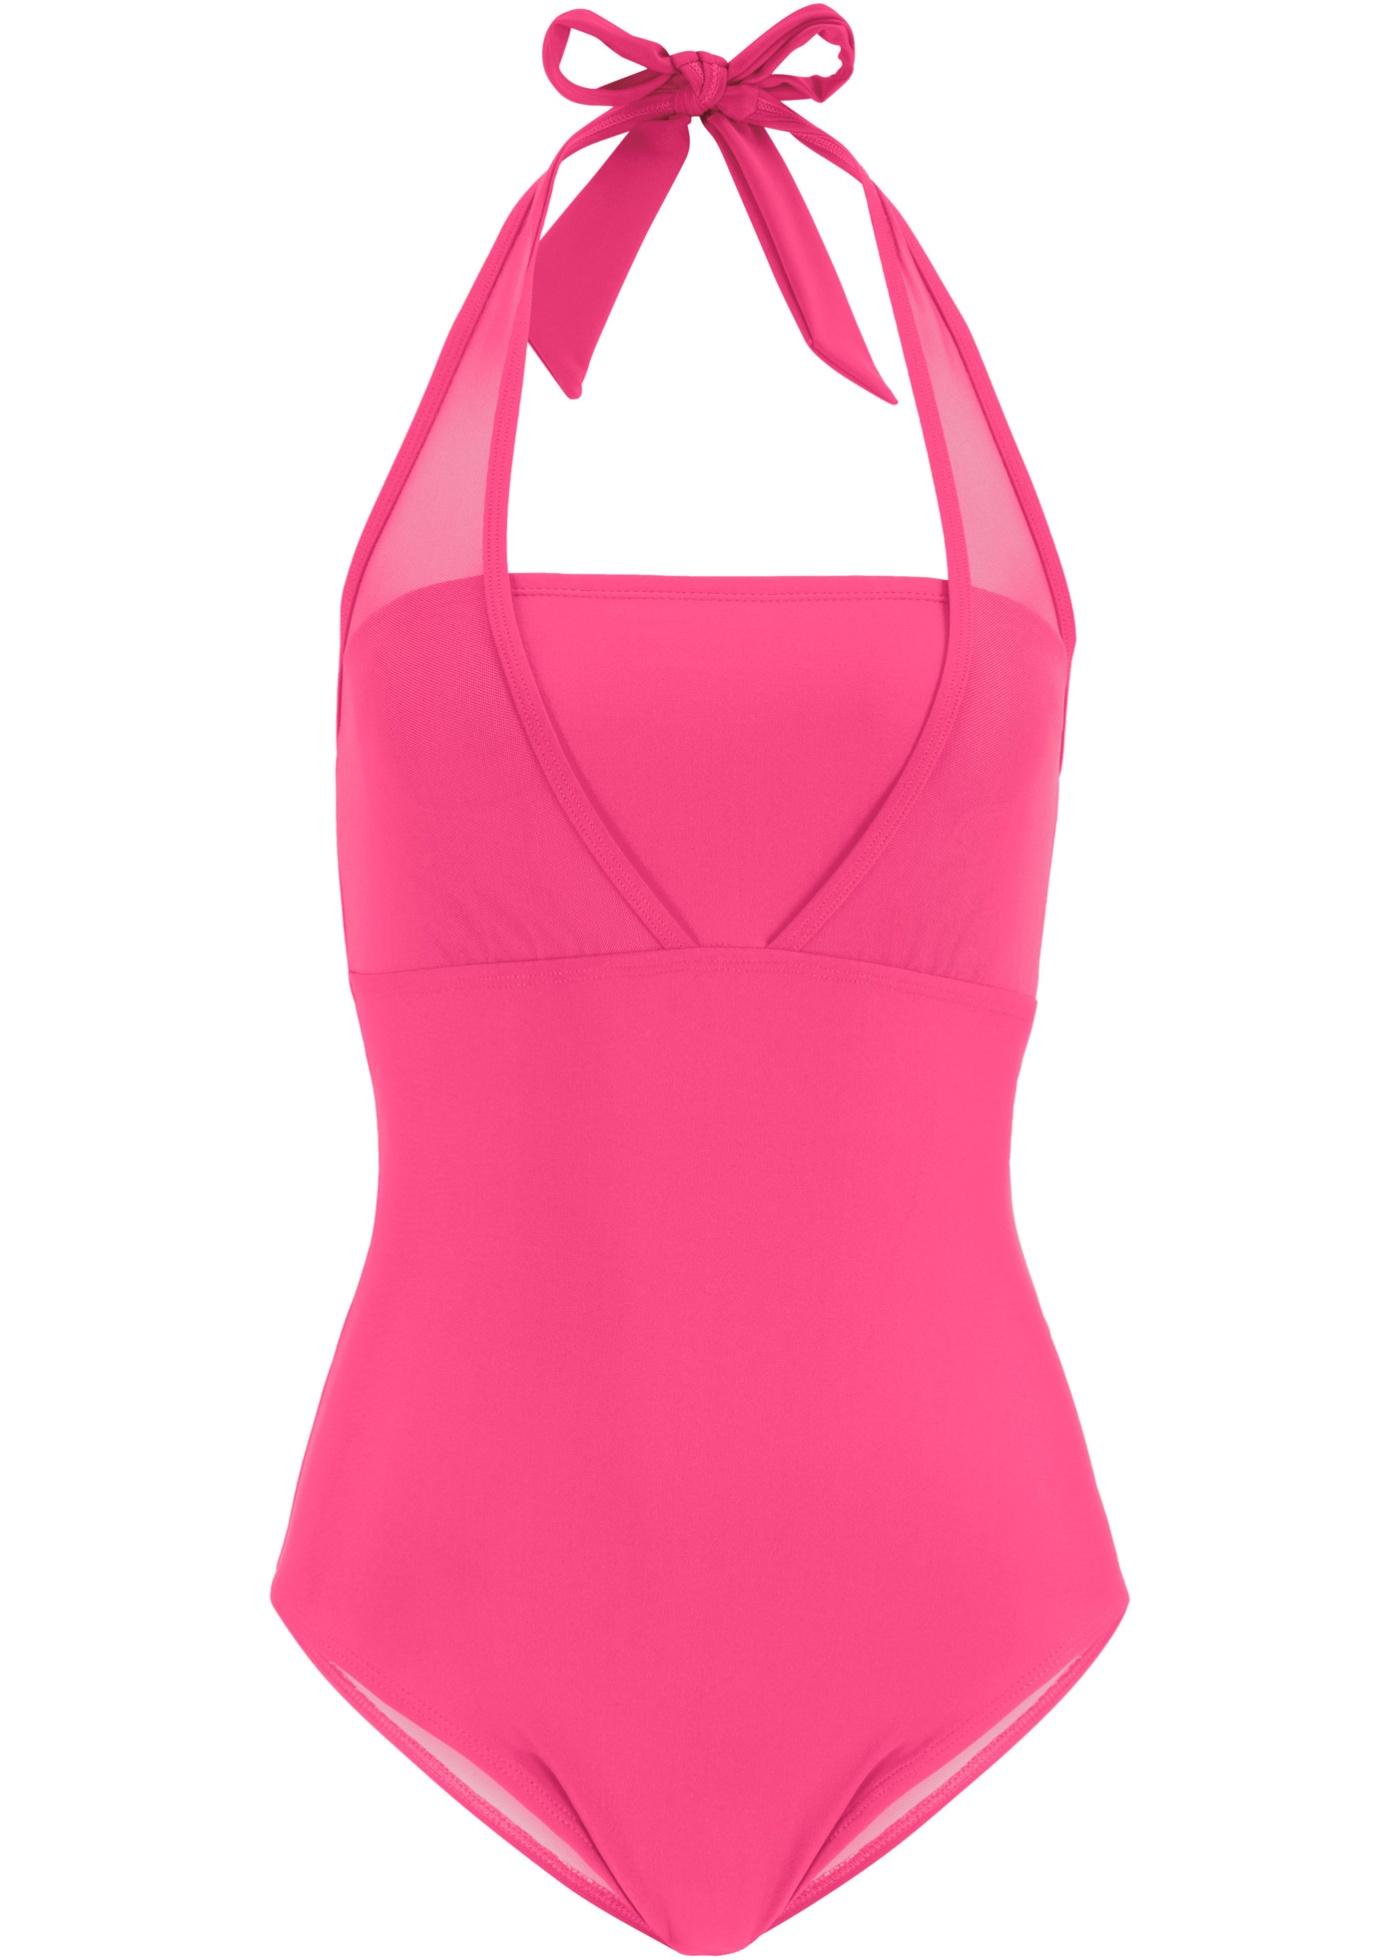 Bademode - Shape Badeanzug Level 1 › bonprix › pink  - Onlineshop Bonprix